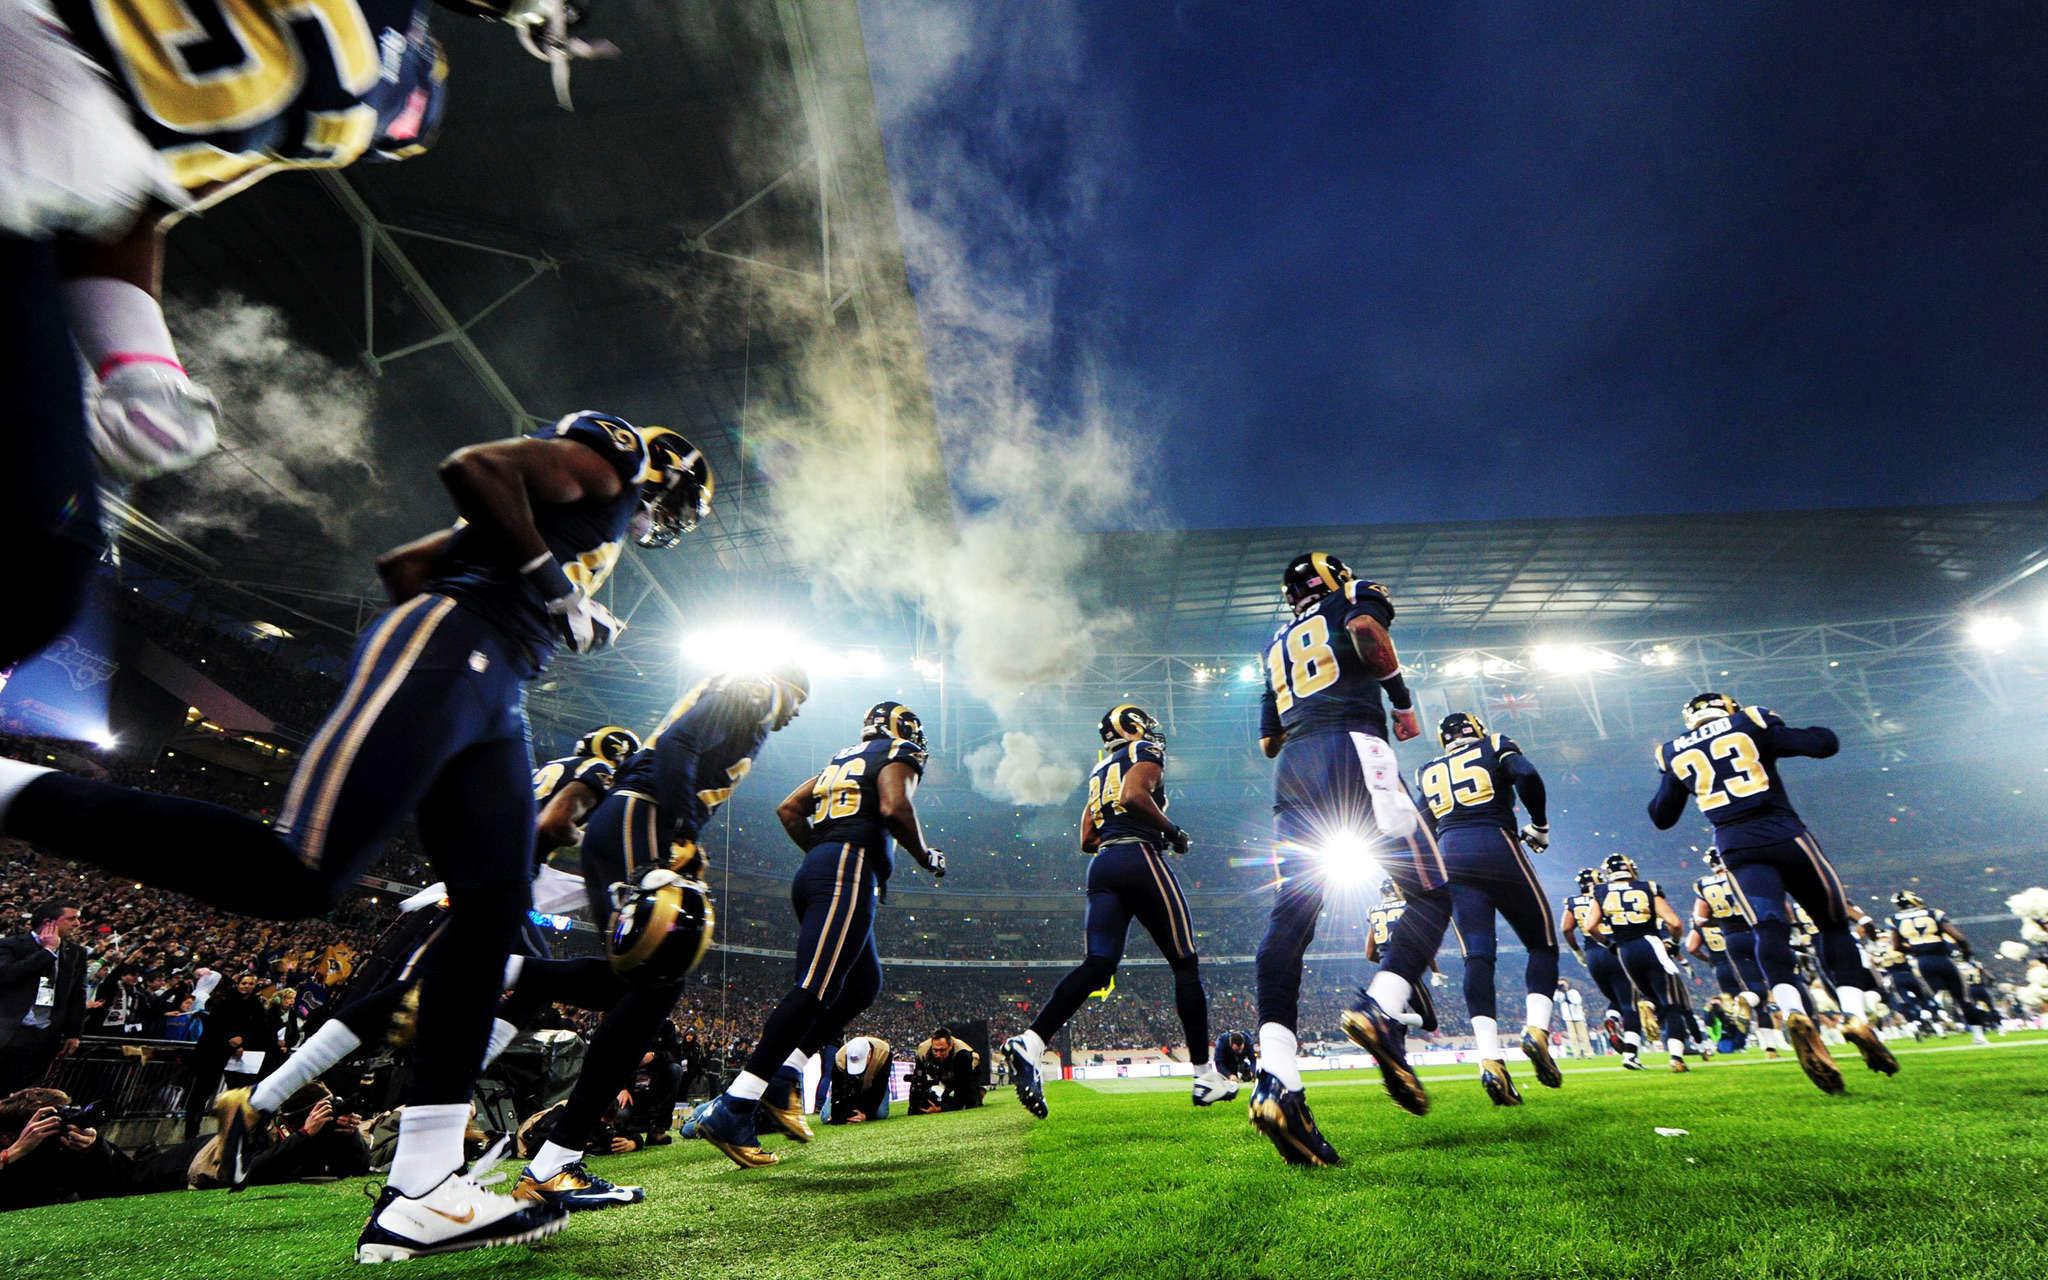 NFL Wallpapers For Desktop HD Images NFL Collection Wallpapers | HD  Wallpapers | Pinterest | Wallpaper